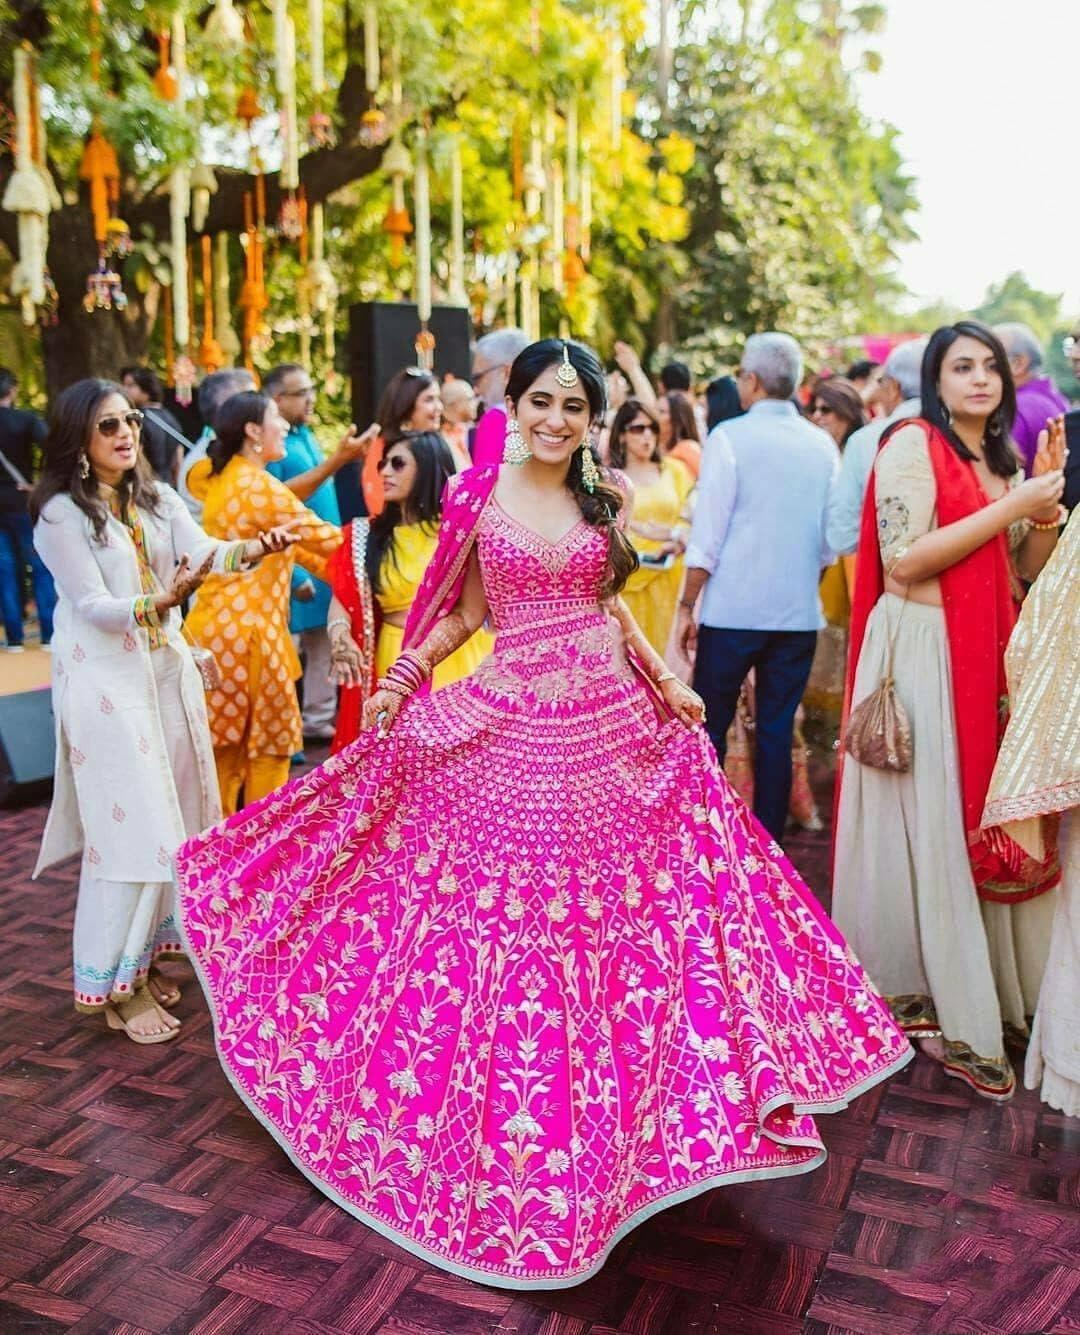 Dance floor in wedding Ceremony